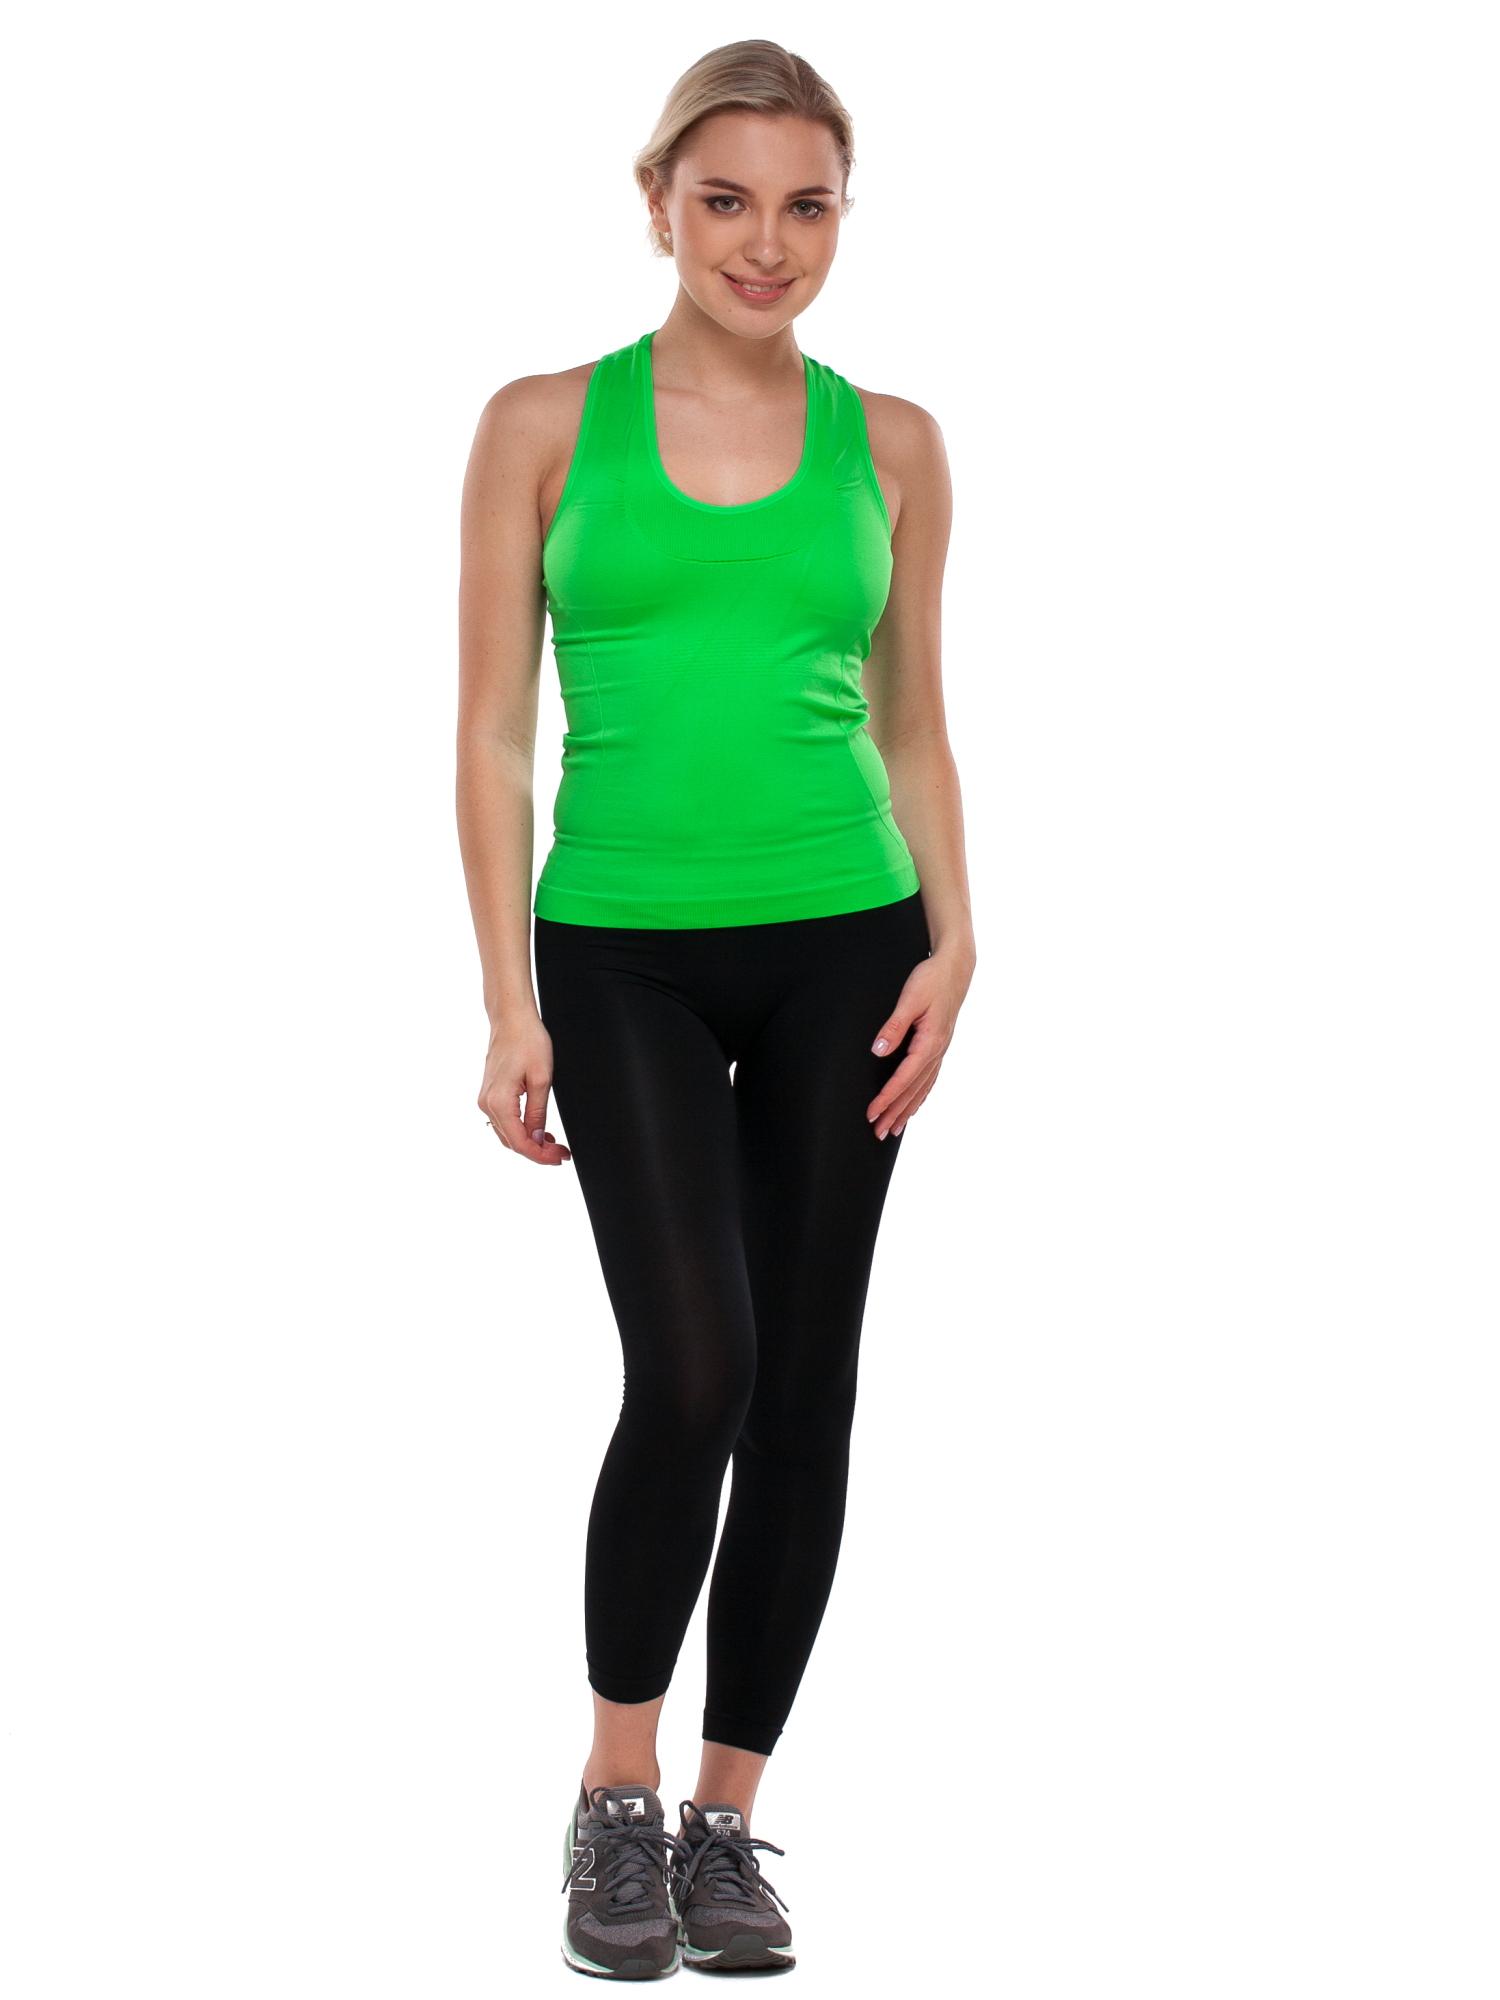 Майка MORERA 35800M PURPLE CACTUS (S), фиолетовый 42 размер35800M PURPLE CACTUS (S)Спортивная майка для спорта, фитнеса, бега, йоги и т.д.